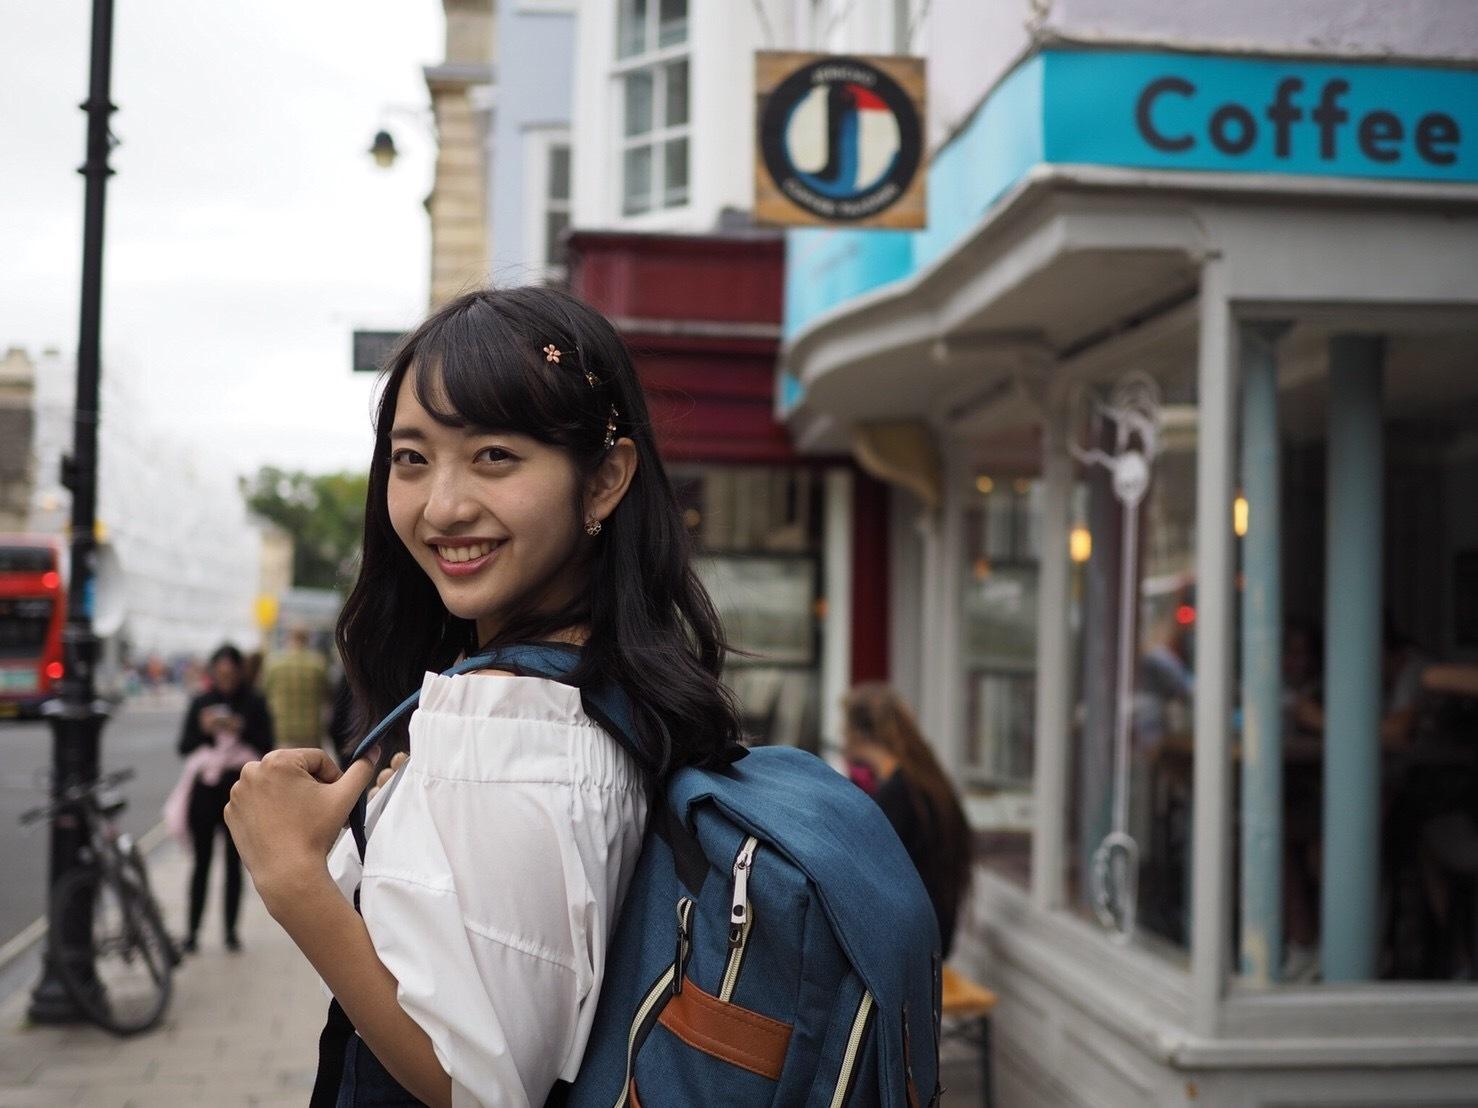 藤本万梨乃イギリス留学でリュックを背負う学生姿